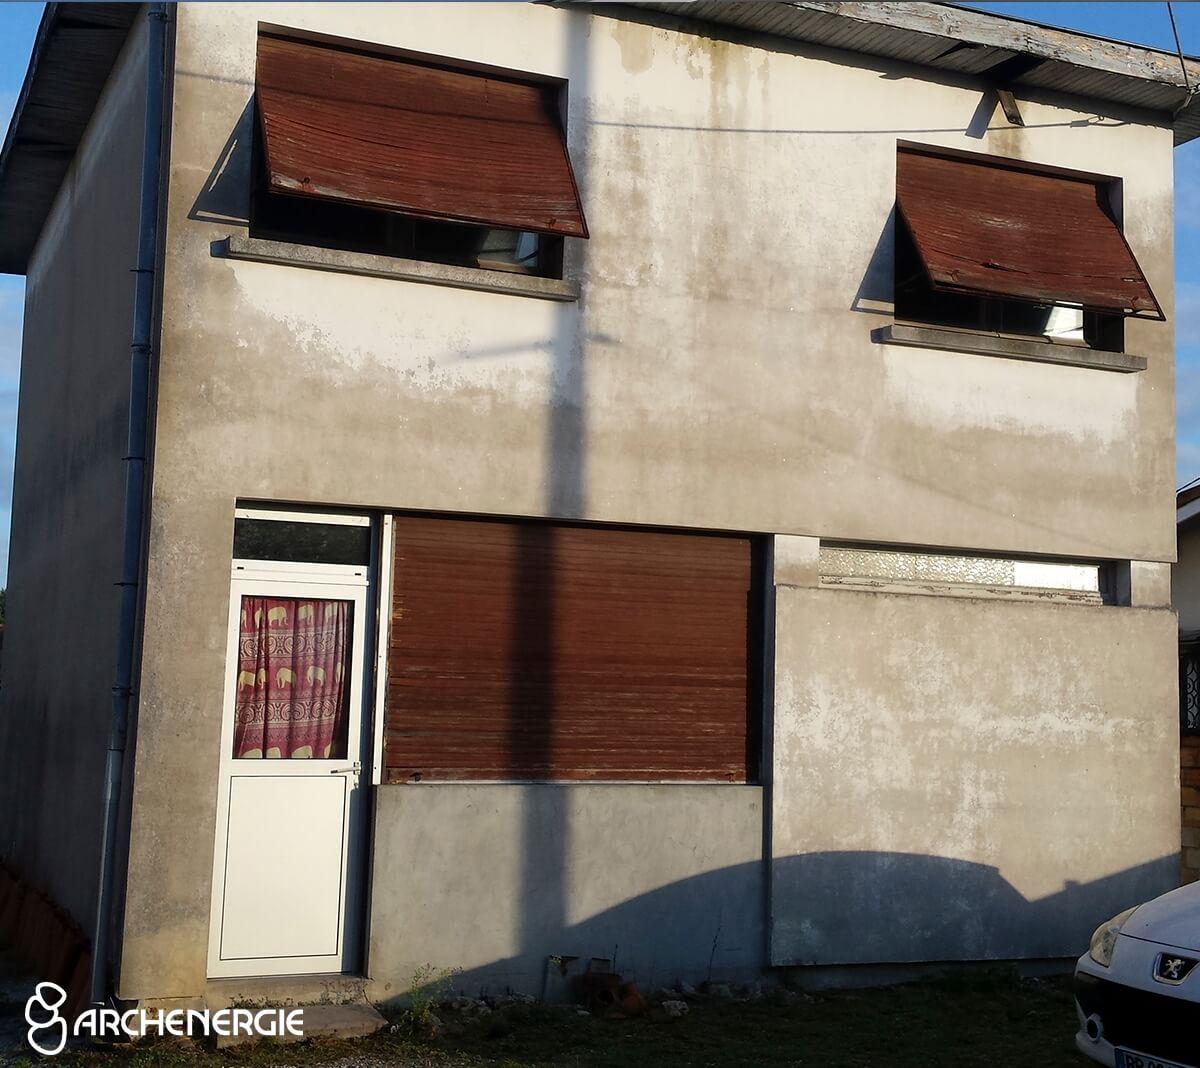 Maison Pessac (33) avant isolation thermique par l'extérieur